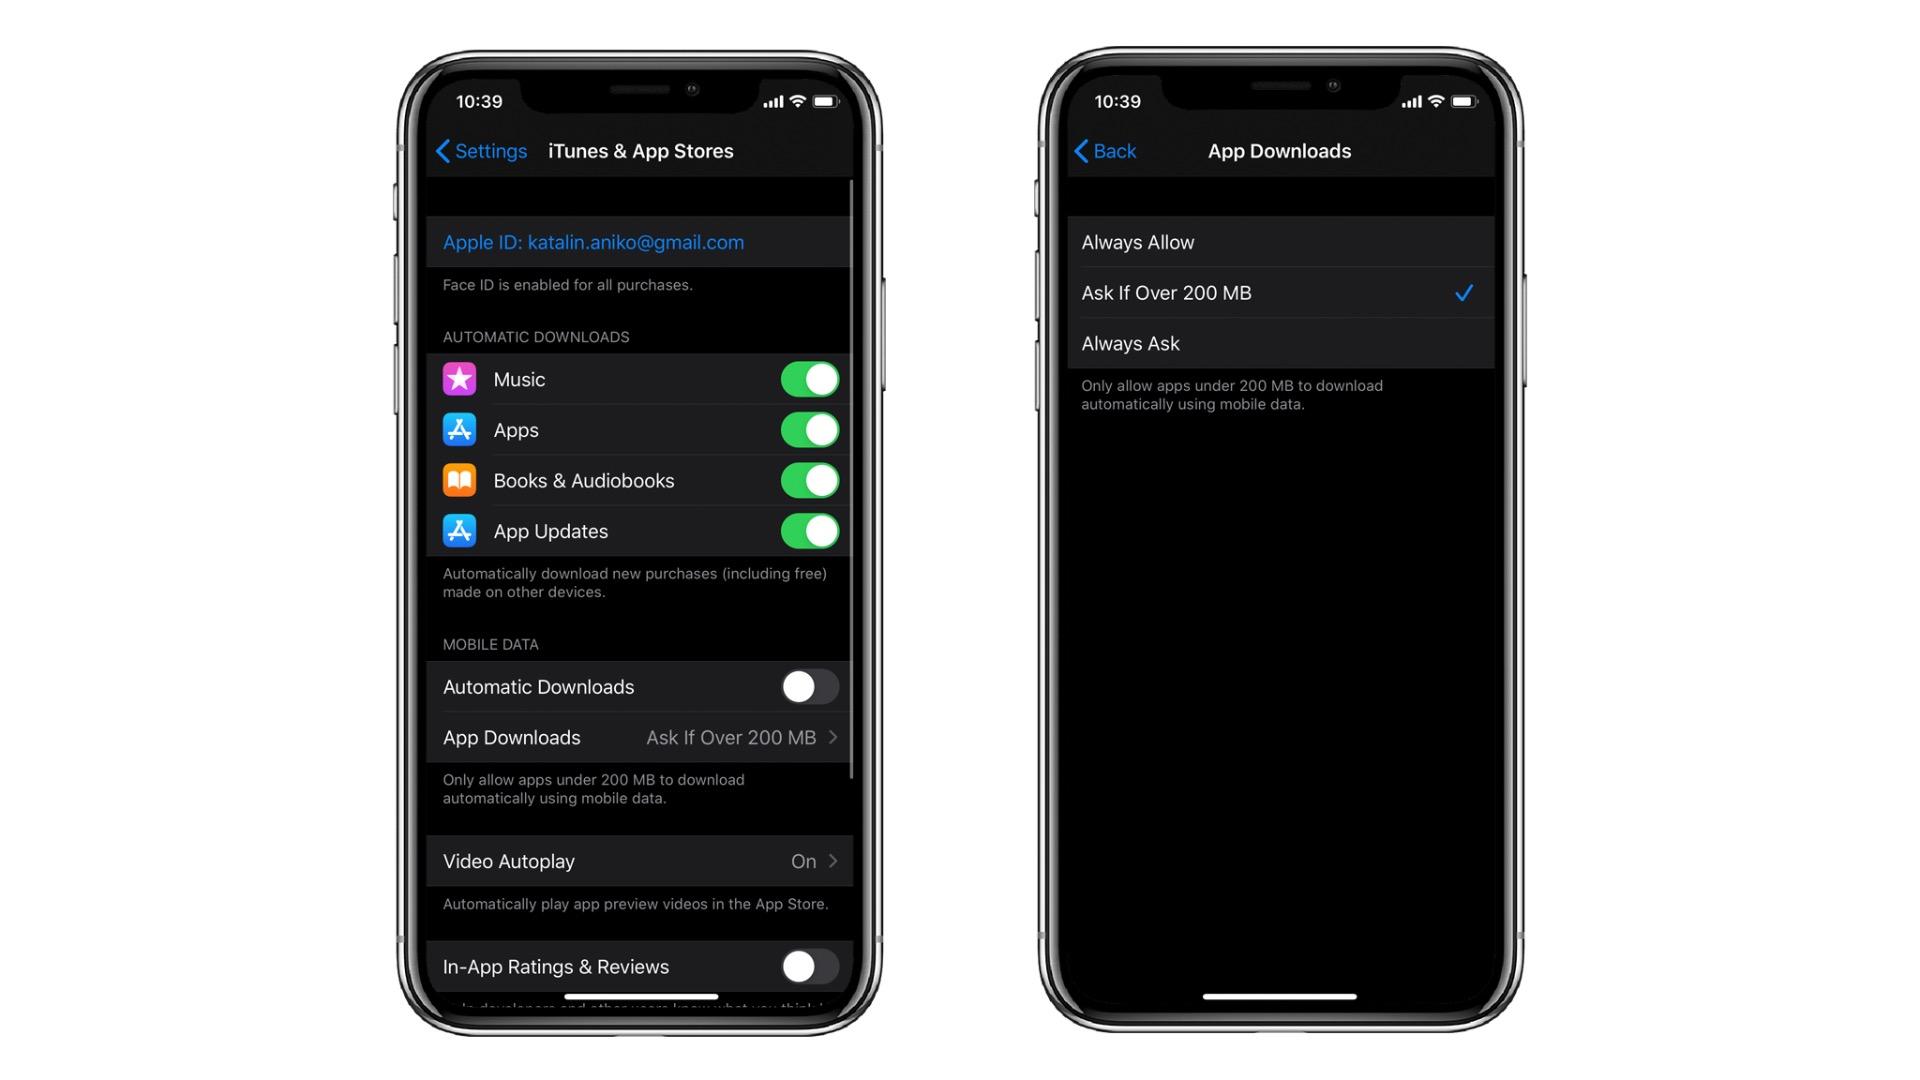 náhodné připojení aplikace iphone chickasha datování